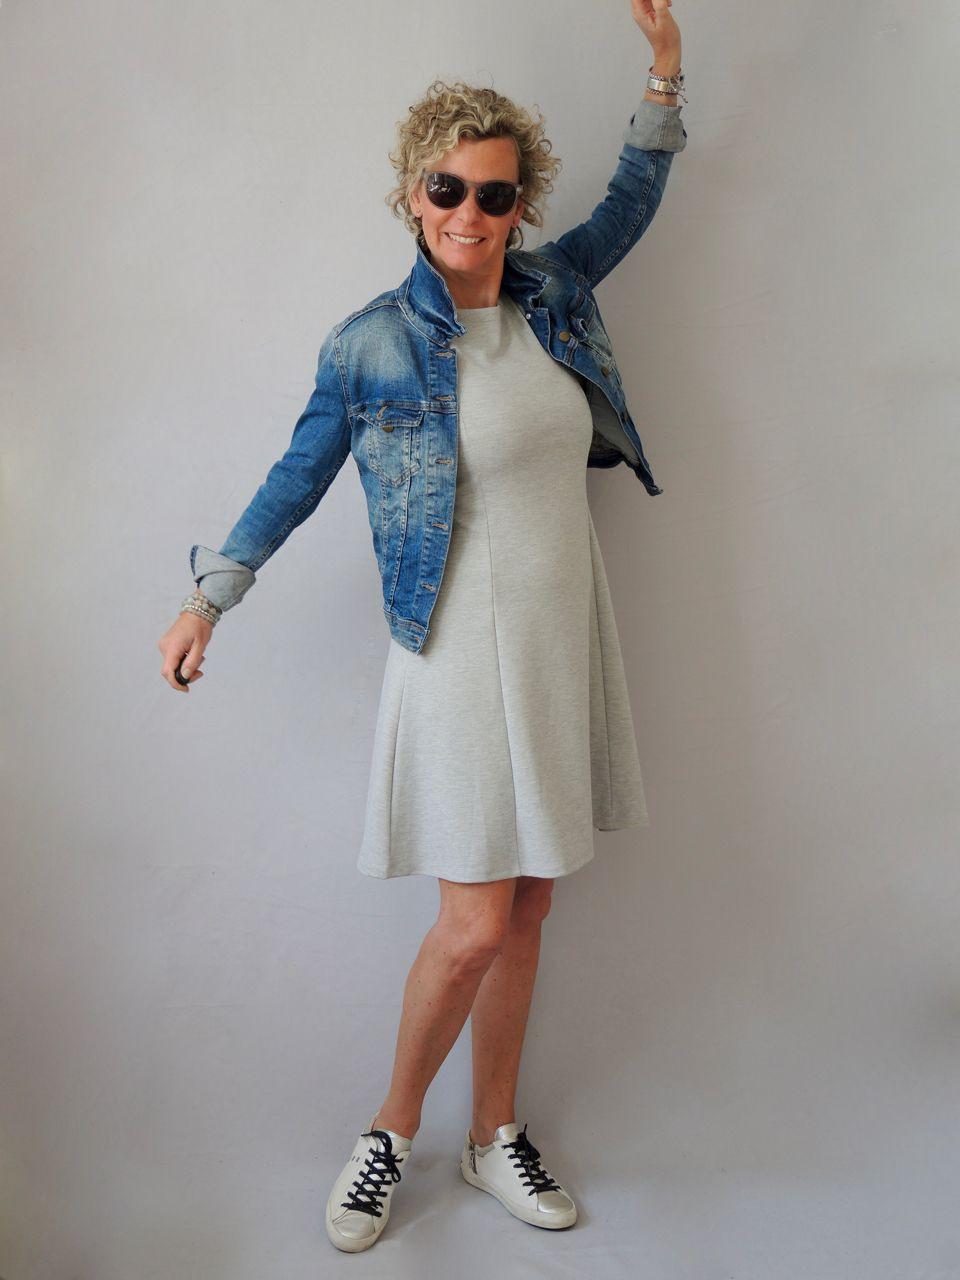 13 Schön Schöne Kleider Für Ältere Damen Bester Preis15 Erstaunlich Schöne Kleider Für Ältere Damen Spezialgebiet